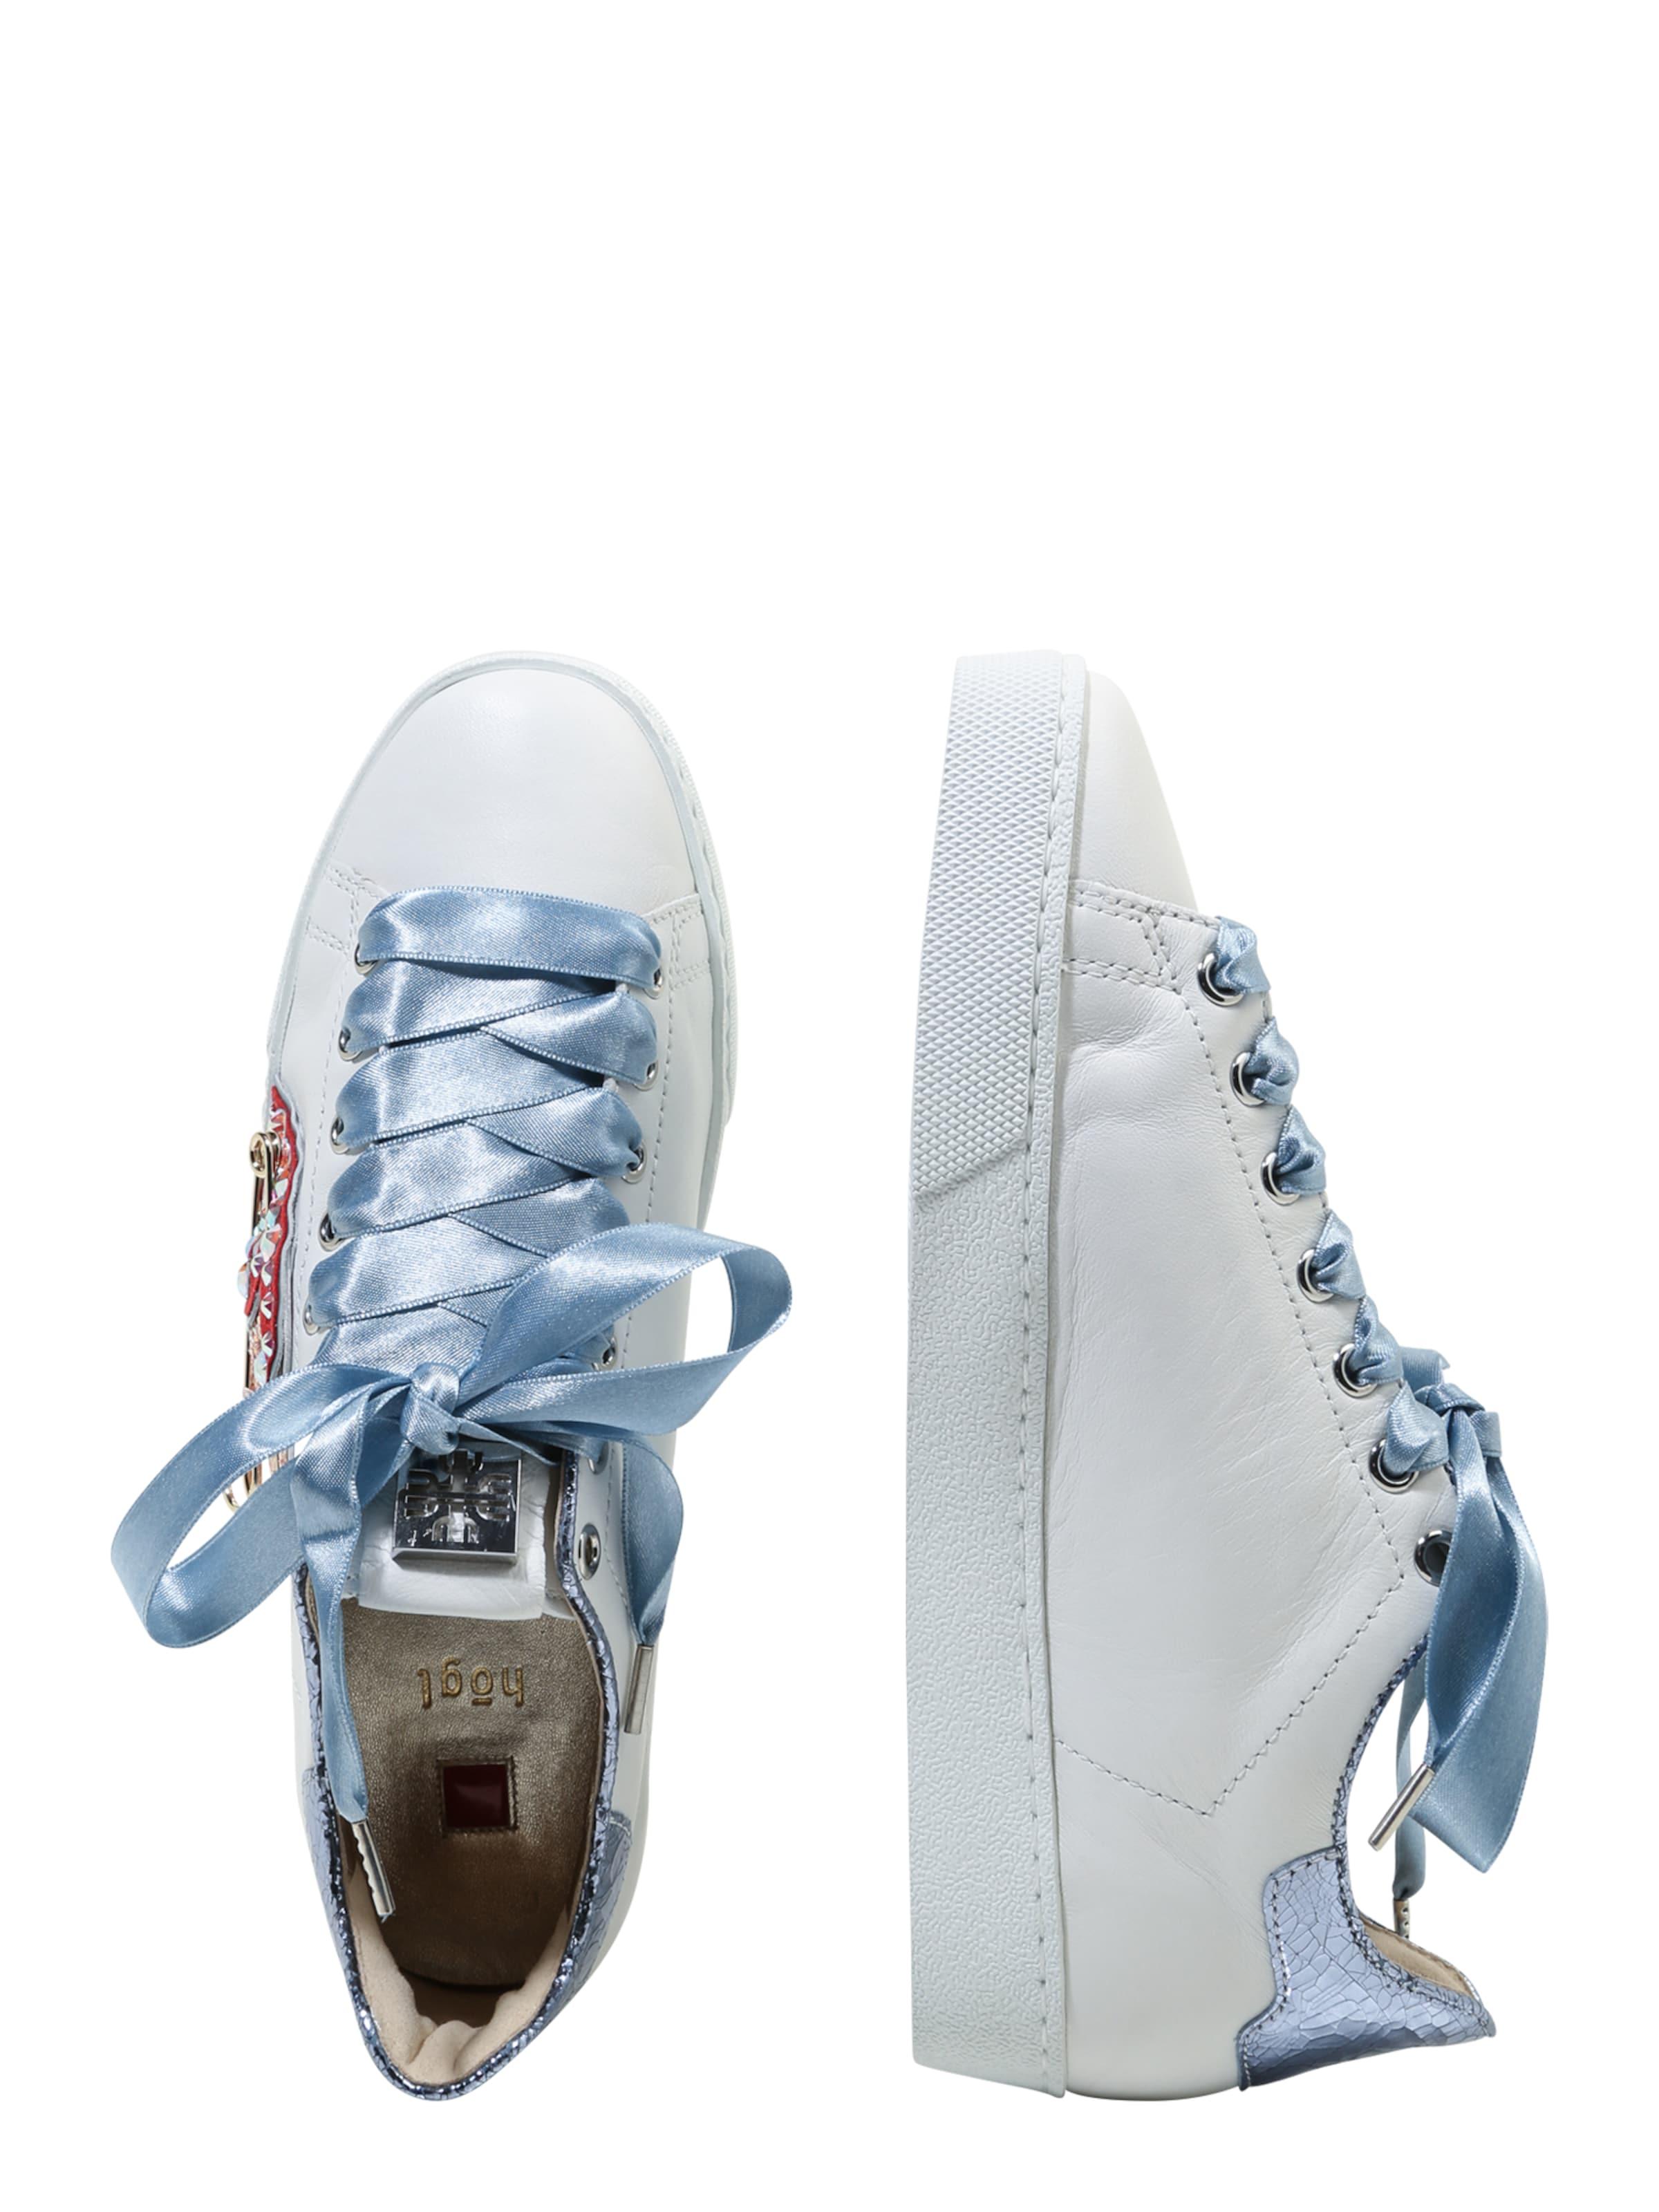 Spielraum Veröffentlichungstermine Högl Sneaker mit Swarovski-Kristallen Größte Anbieter Günstiger Preis Mit Mastercard Online Erstaunlicher Preis Günstiger Preis Billig Verkaufen Brandneue Unisex rei7C